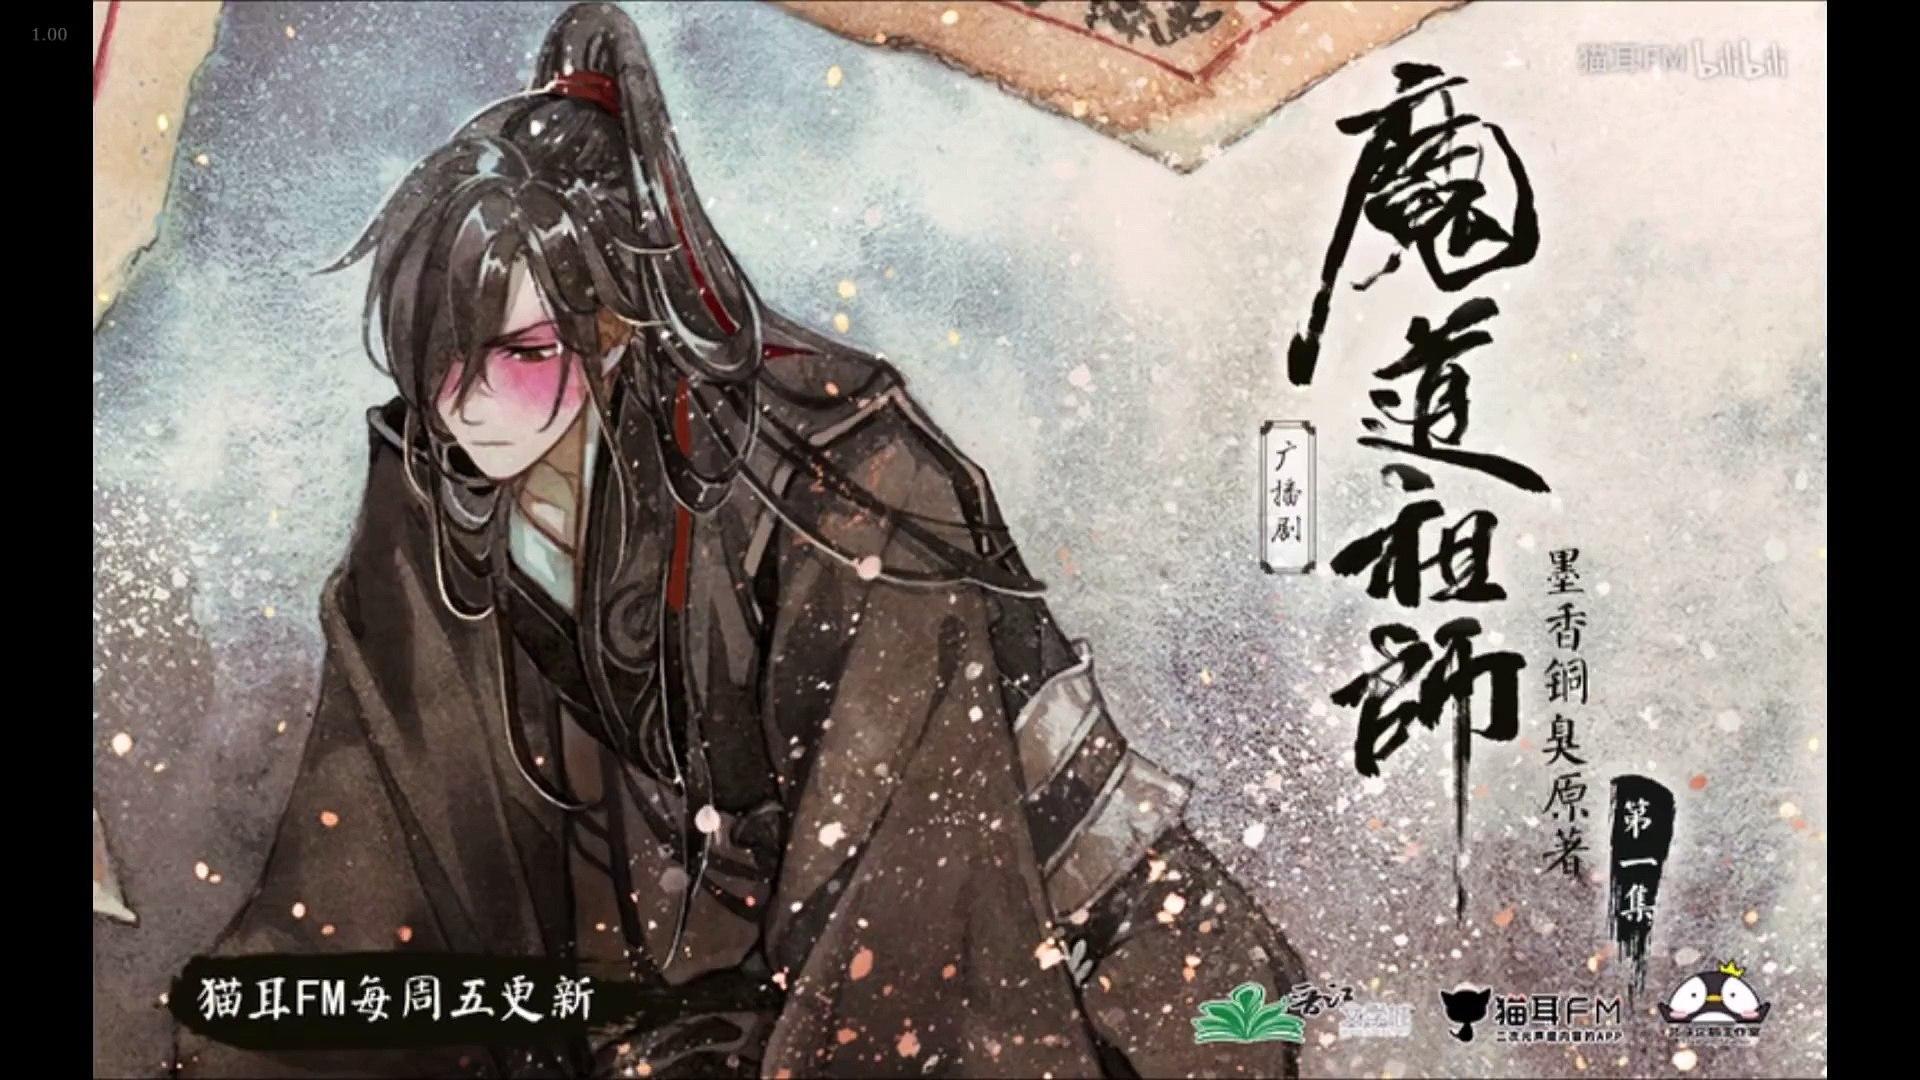 Mo Dao Zu Shi Wallpapers Wallpaper Cave